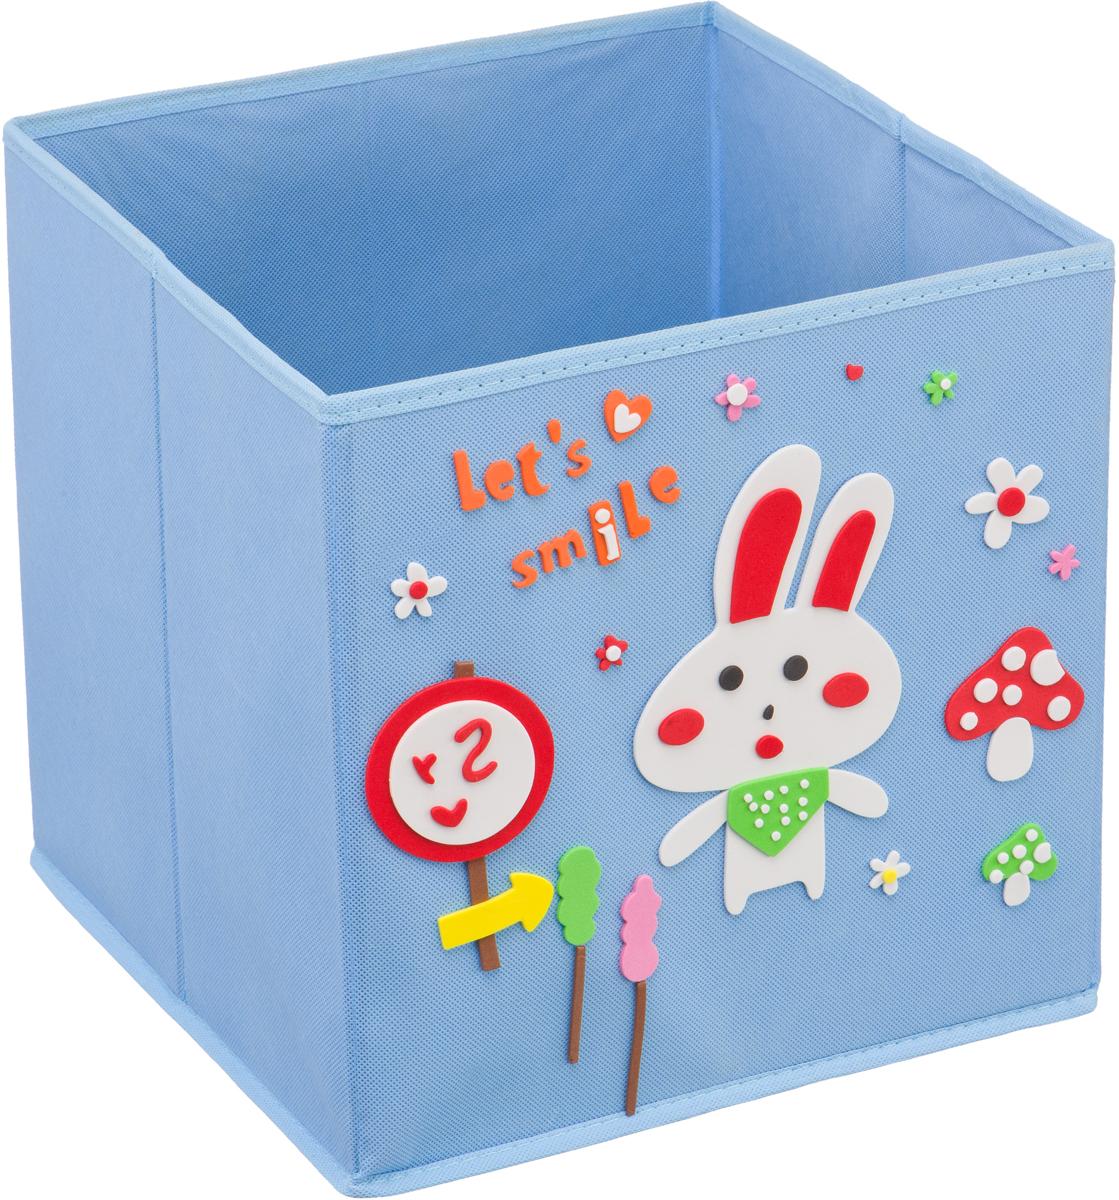 Кофр для хранения Handy Home Зайчик, с аппликацией, цвет: голубойUC-112Кофр с аппликацией - универсальная система для домашнего хранения, которая дополняется интересной аппликацией с эксклюзивным и веселым детским дизайном для оформления фронтальной стороны короба. Комплект представляет собой складной короб из нетканого материала и картона, плюс самоклеящаяся аппликация из полимера, которую необходимо самому собрать в картину.Соберите всю увлекательную коллекцию у себя дома.